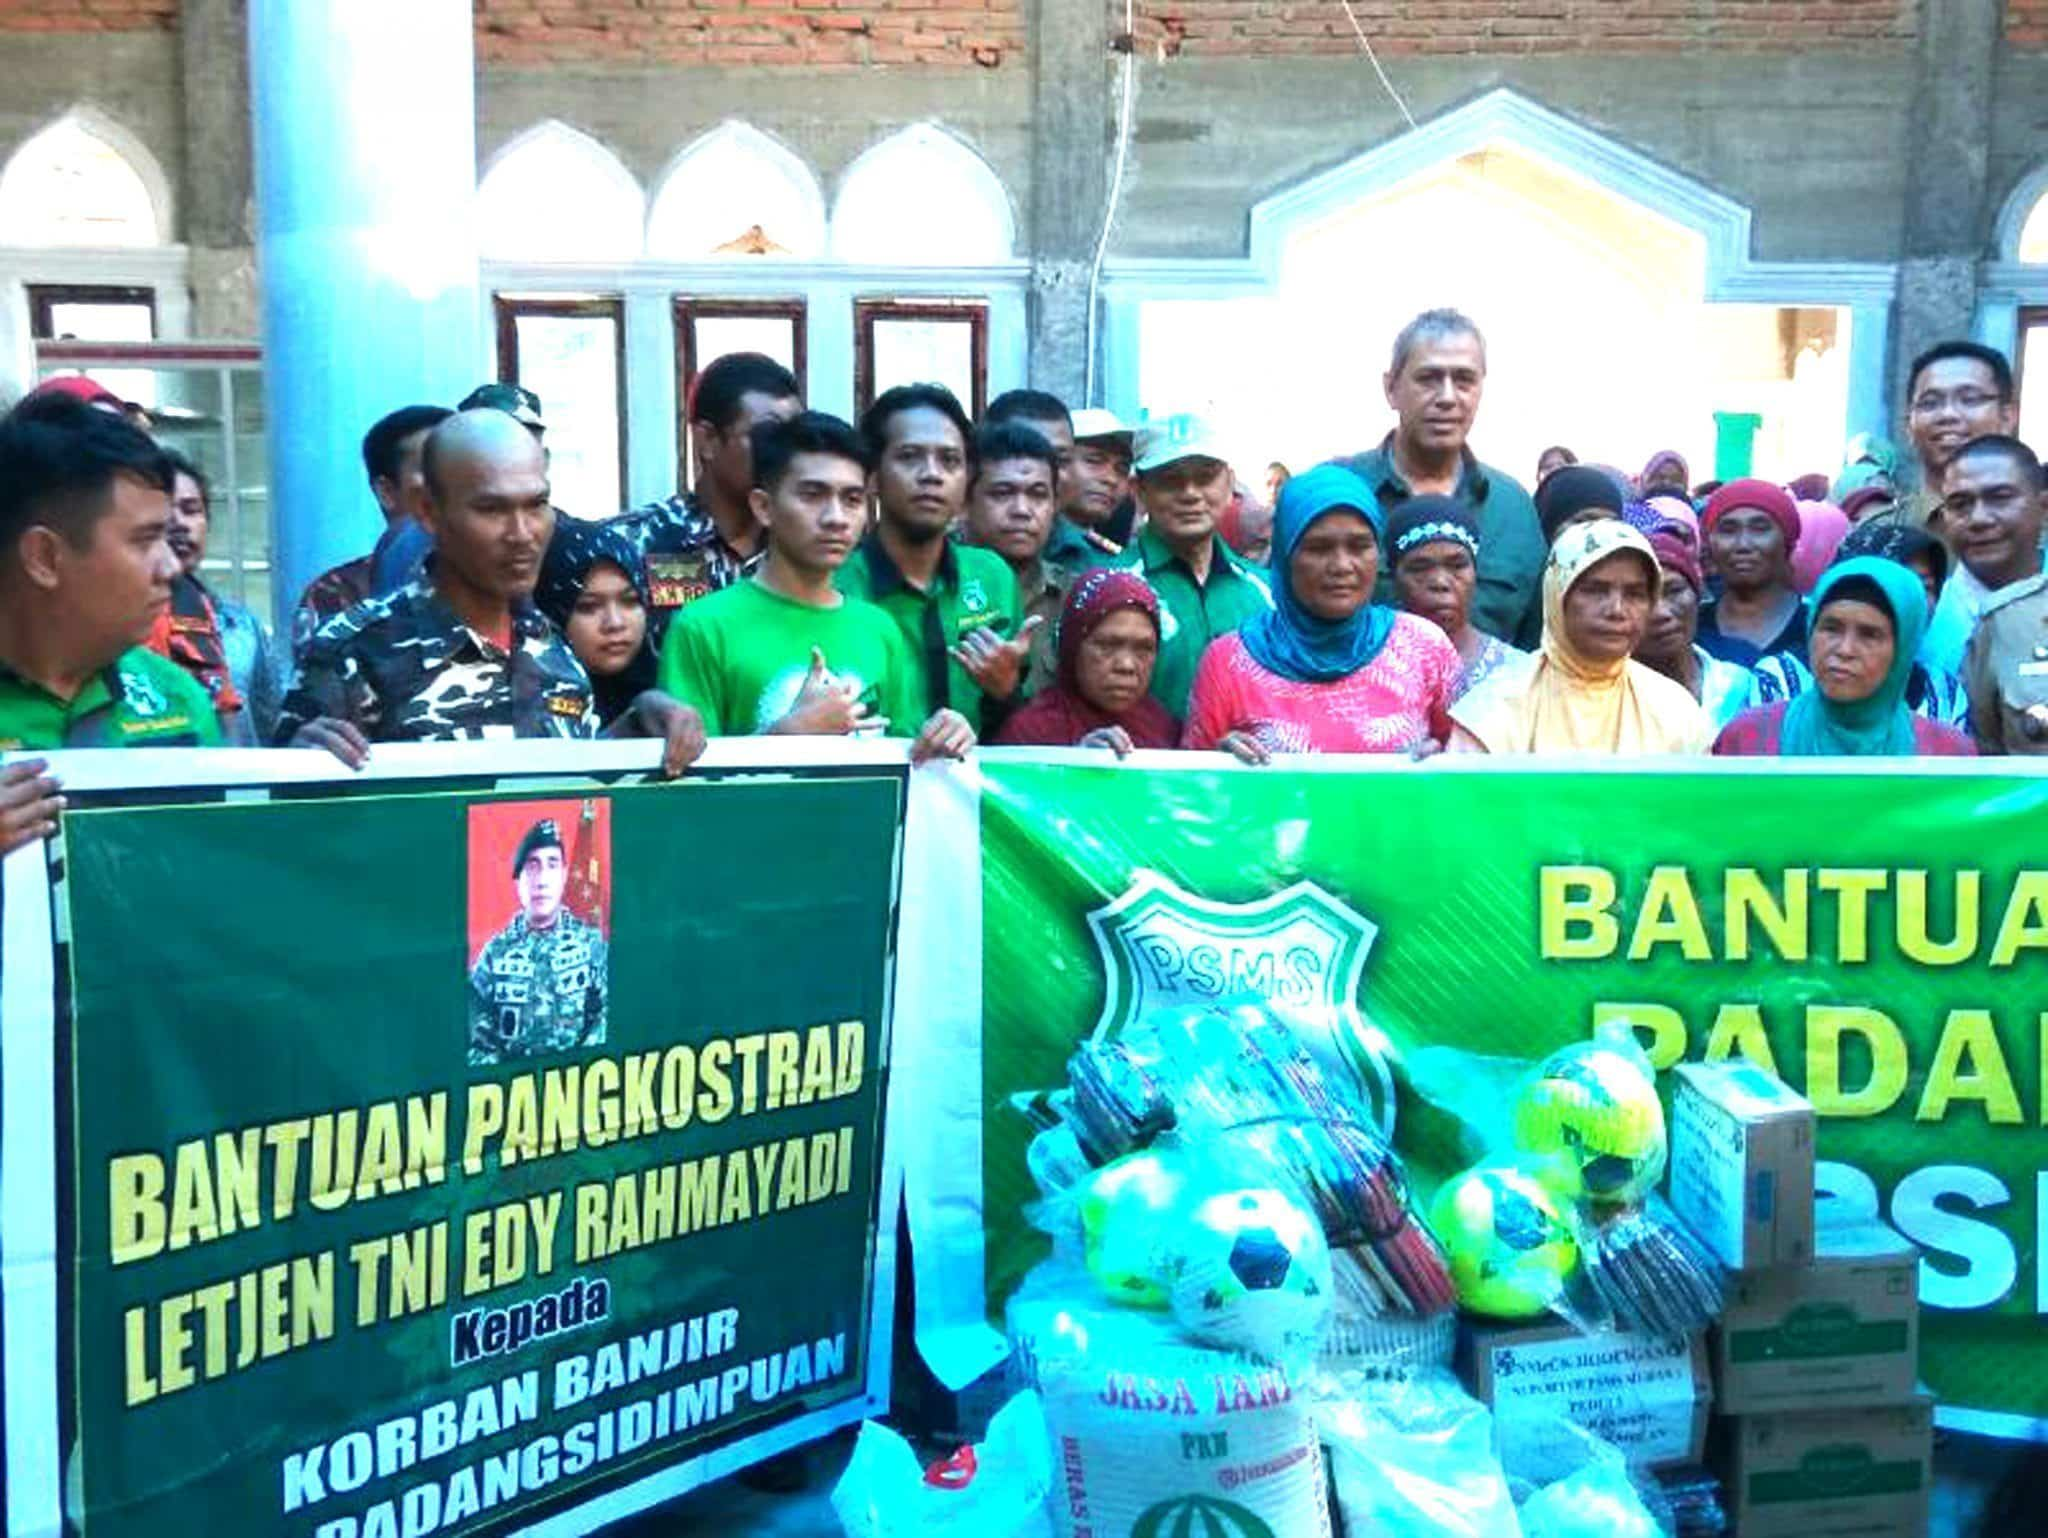 Ketua Pembinan PSMS Medan Letjen TNI Edy Rahmayadi Peduli Korban Banjir Padangsidempuan